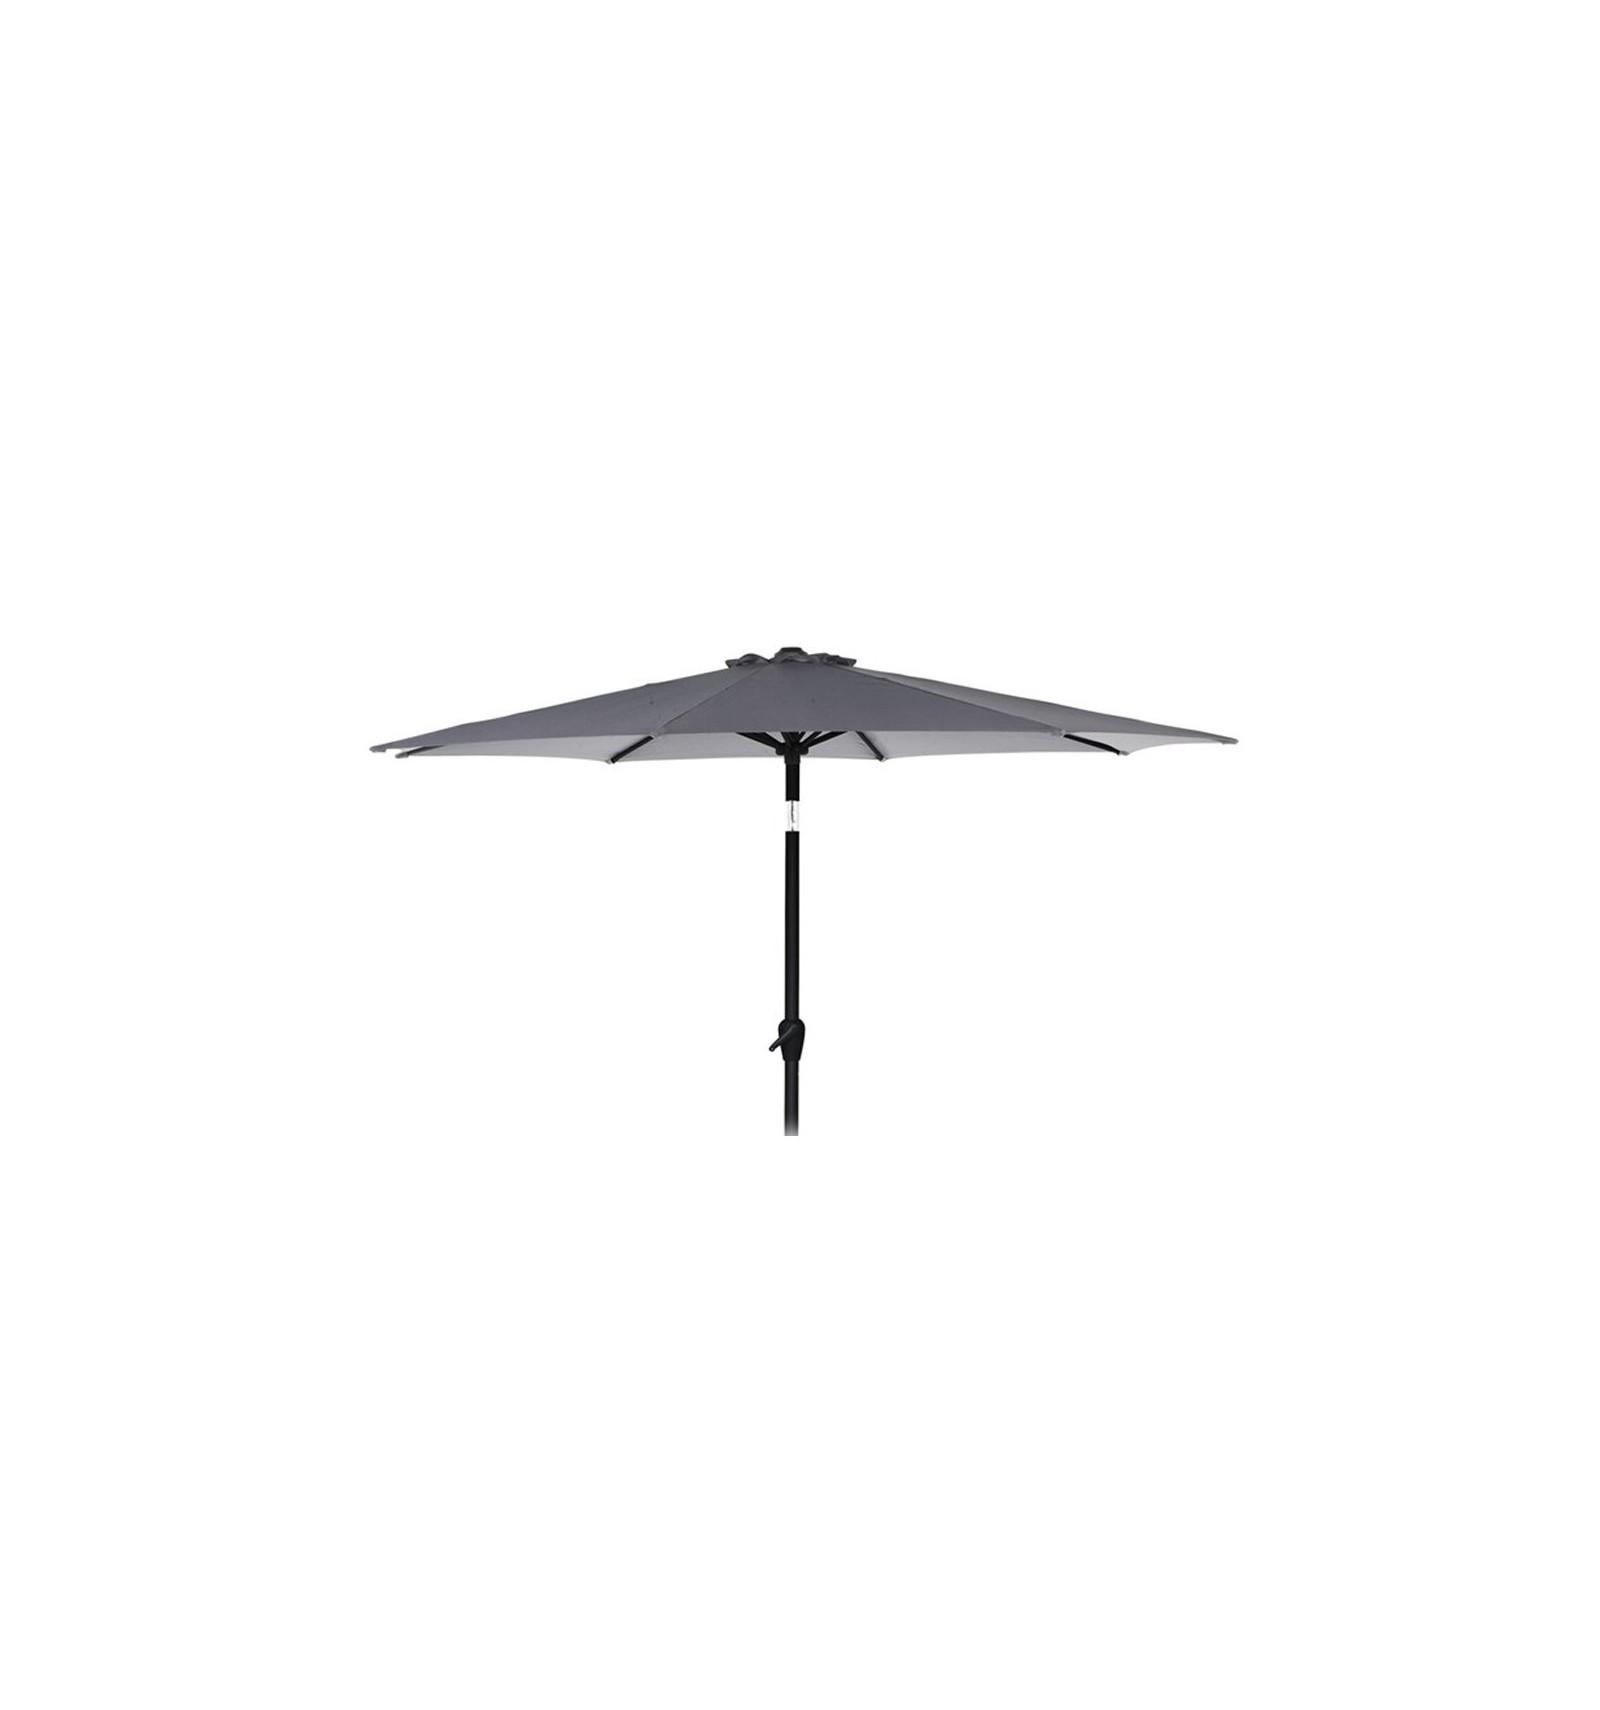 Alu Parasol M Tilt O 3 Meter Gra Living In Style